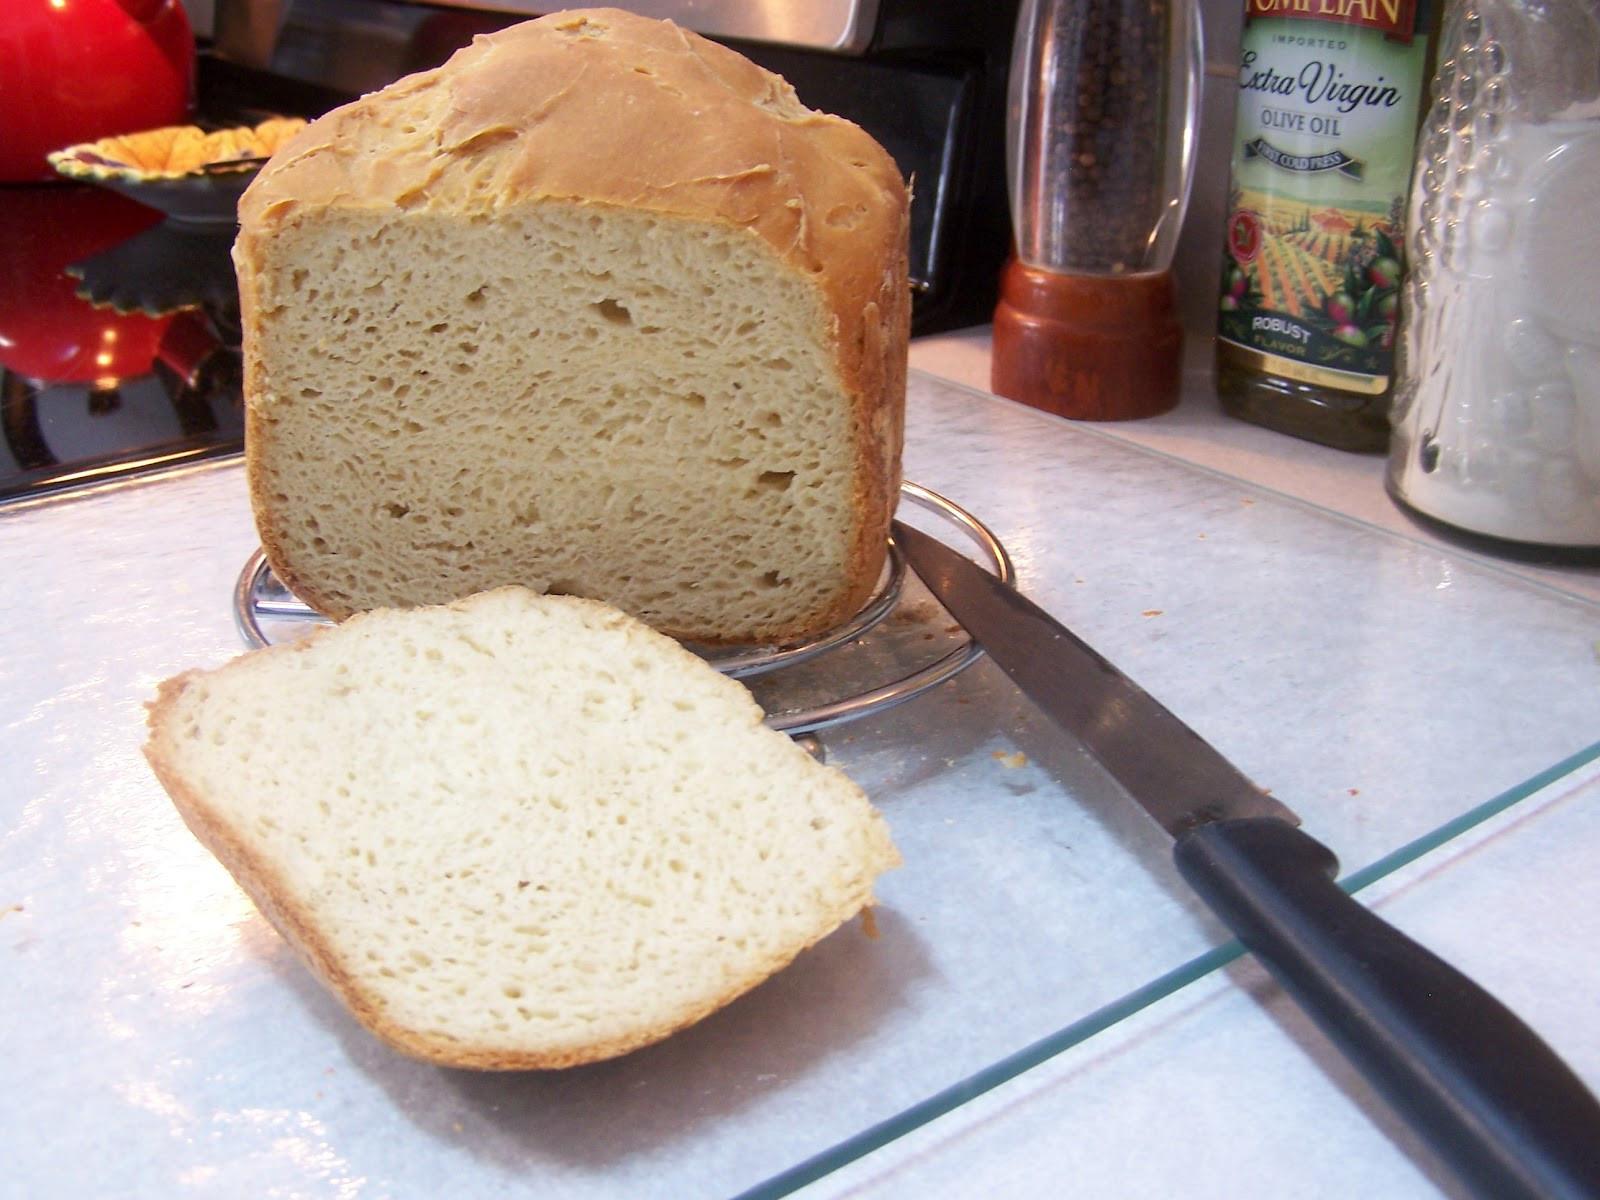 Gluten Free Bread Recipe Bread Machine  Spectacular Gluten Free Bread in the Bread Machine